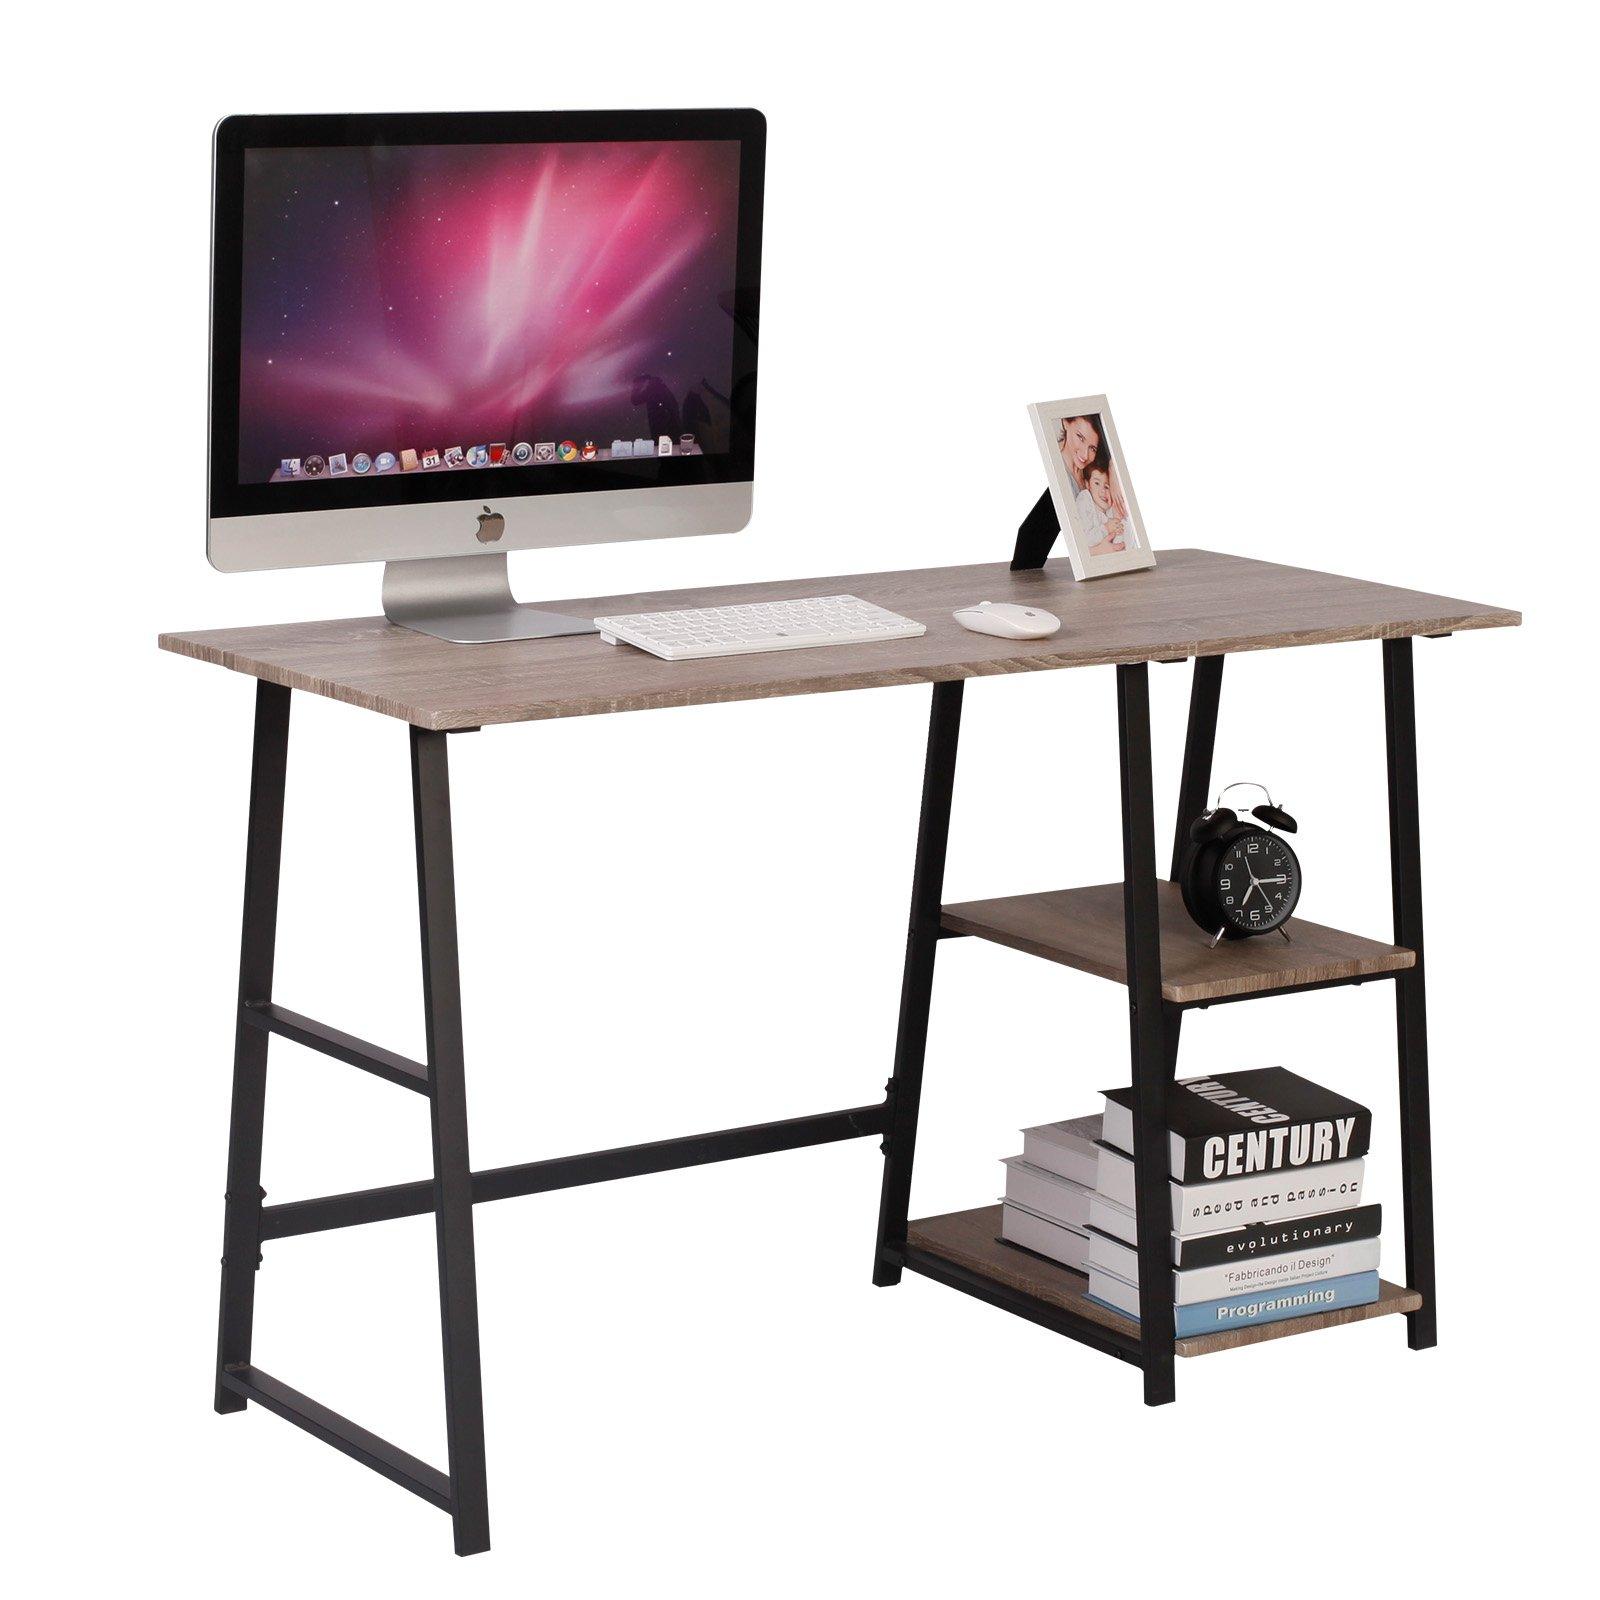 WOLTU® TSG25gr Bureau d'ordinateur avec 2 étagères,Table de Bureau Table de Travail en Bois et Acier, 120x50x73cm (LxPxH) product image